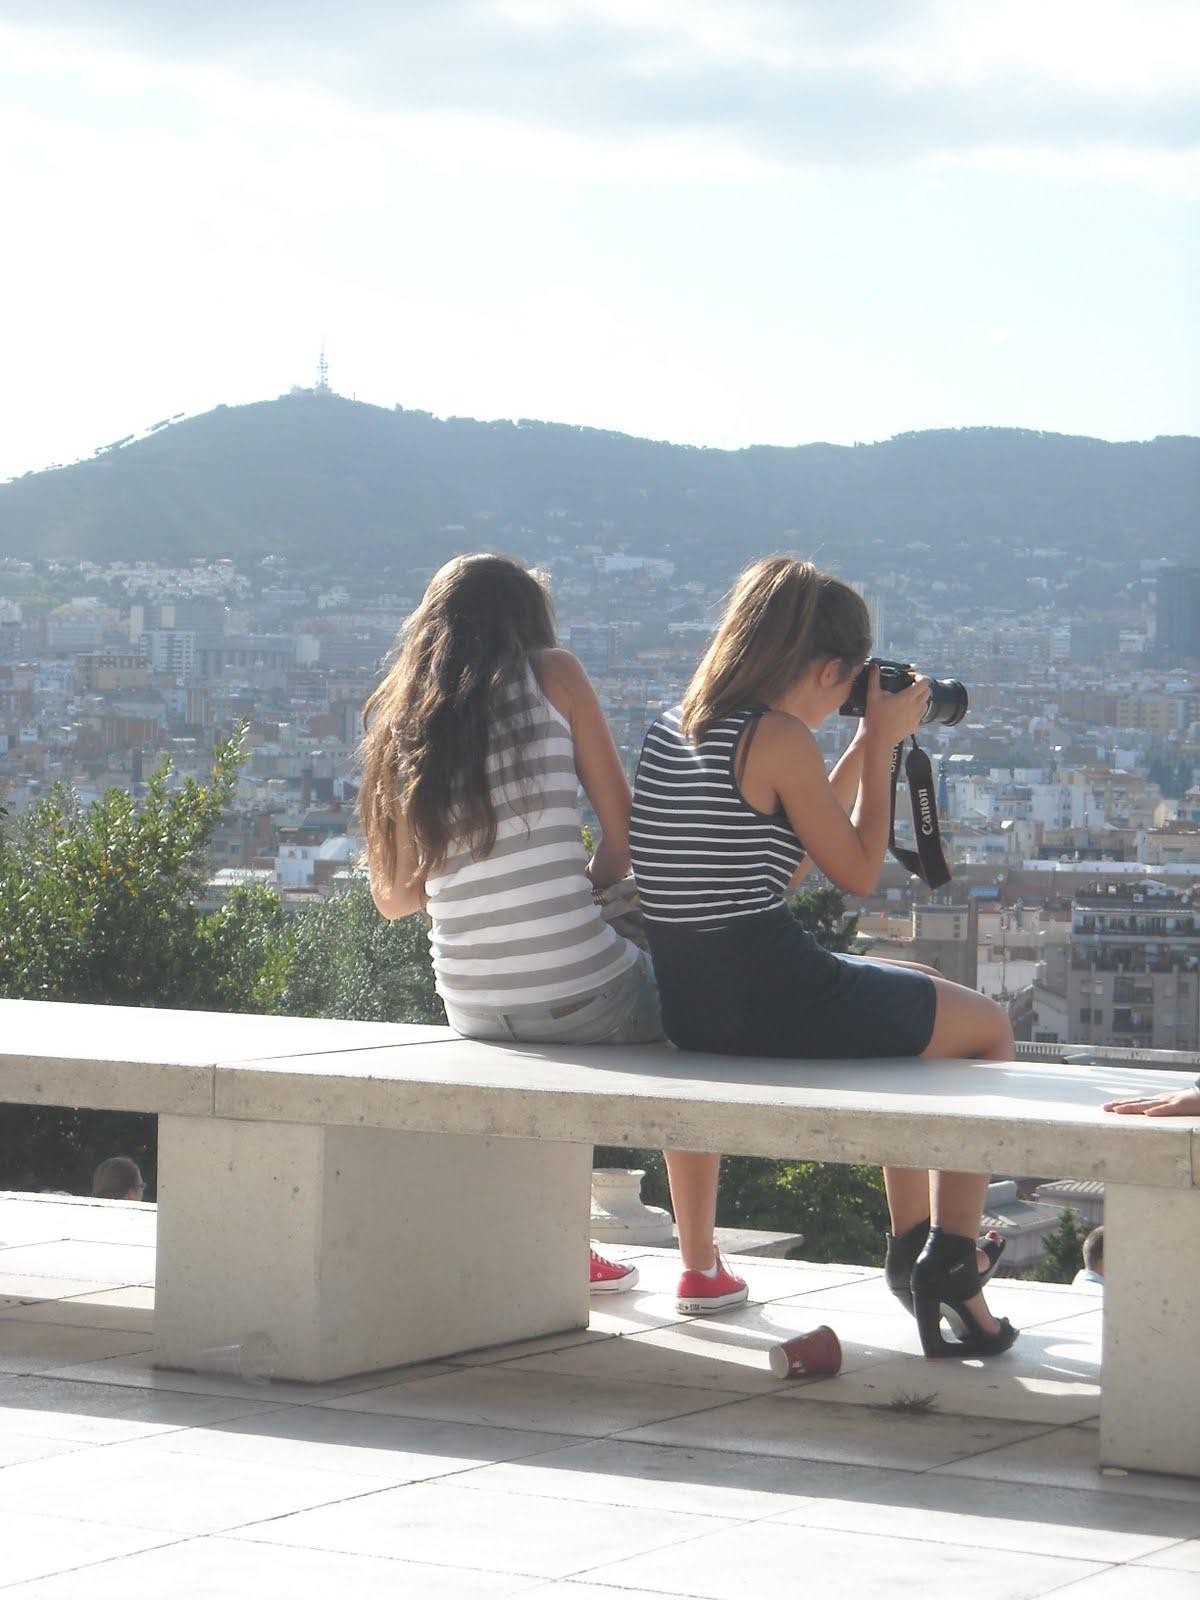 Guardate queste 2 ragazze come spompinano il tipo - 3 2